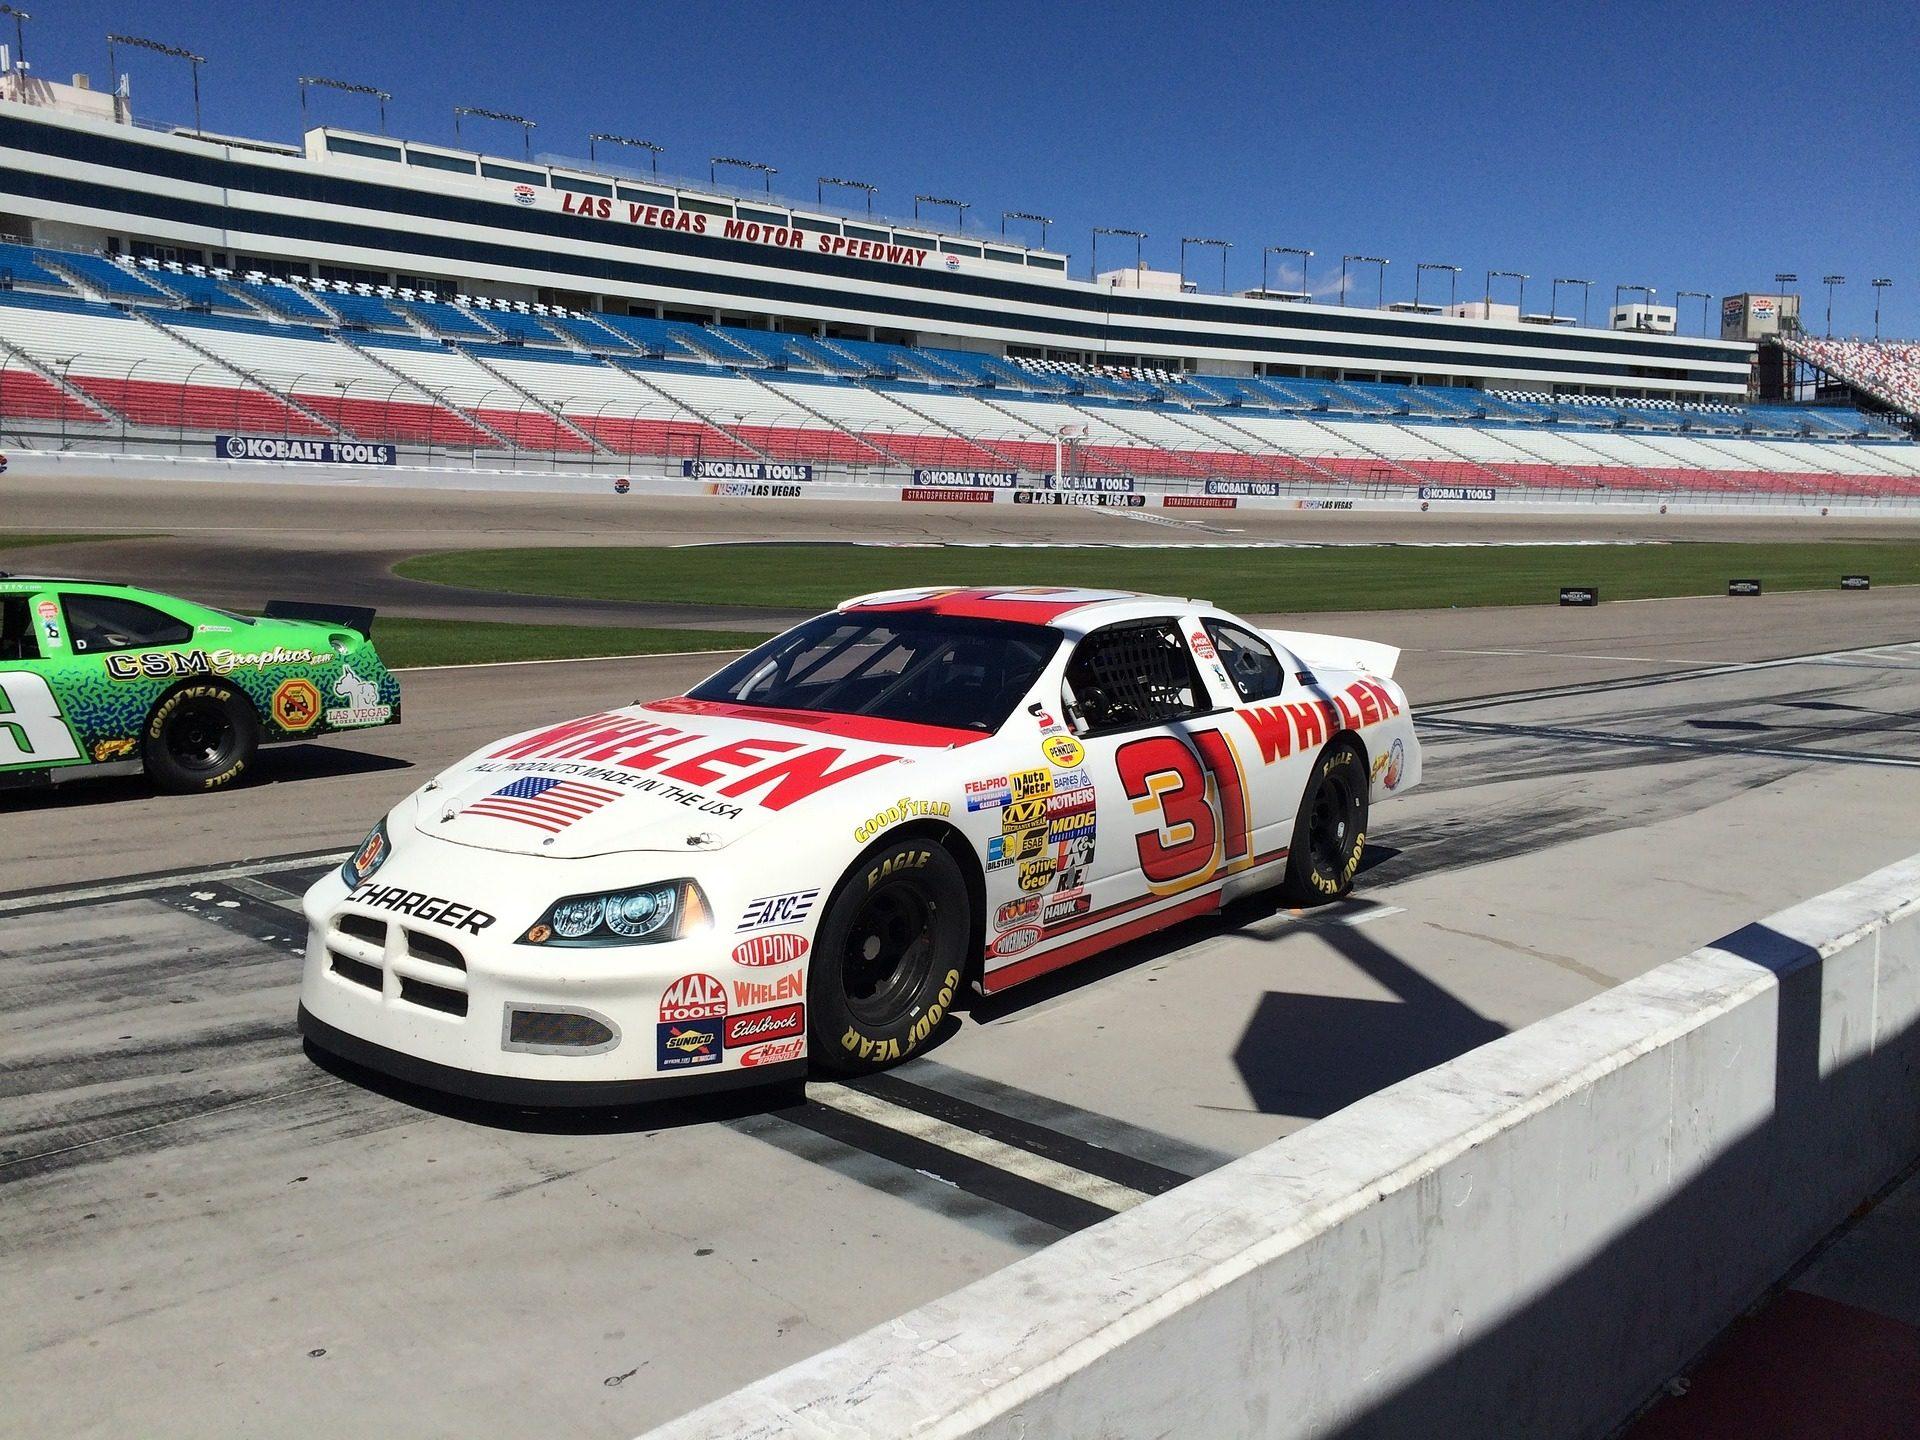 Carros, carreira, concorrência, NASCAR, velocidade, formação - Papéis de parede HD - Professor-falken.com